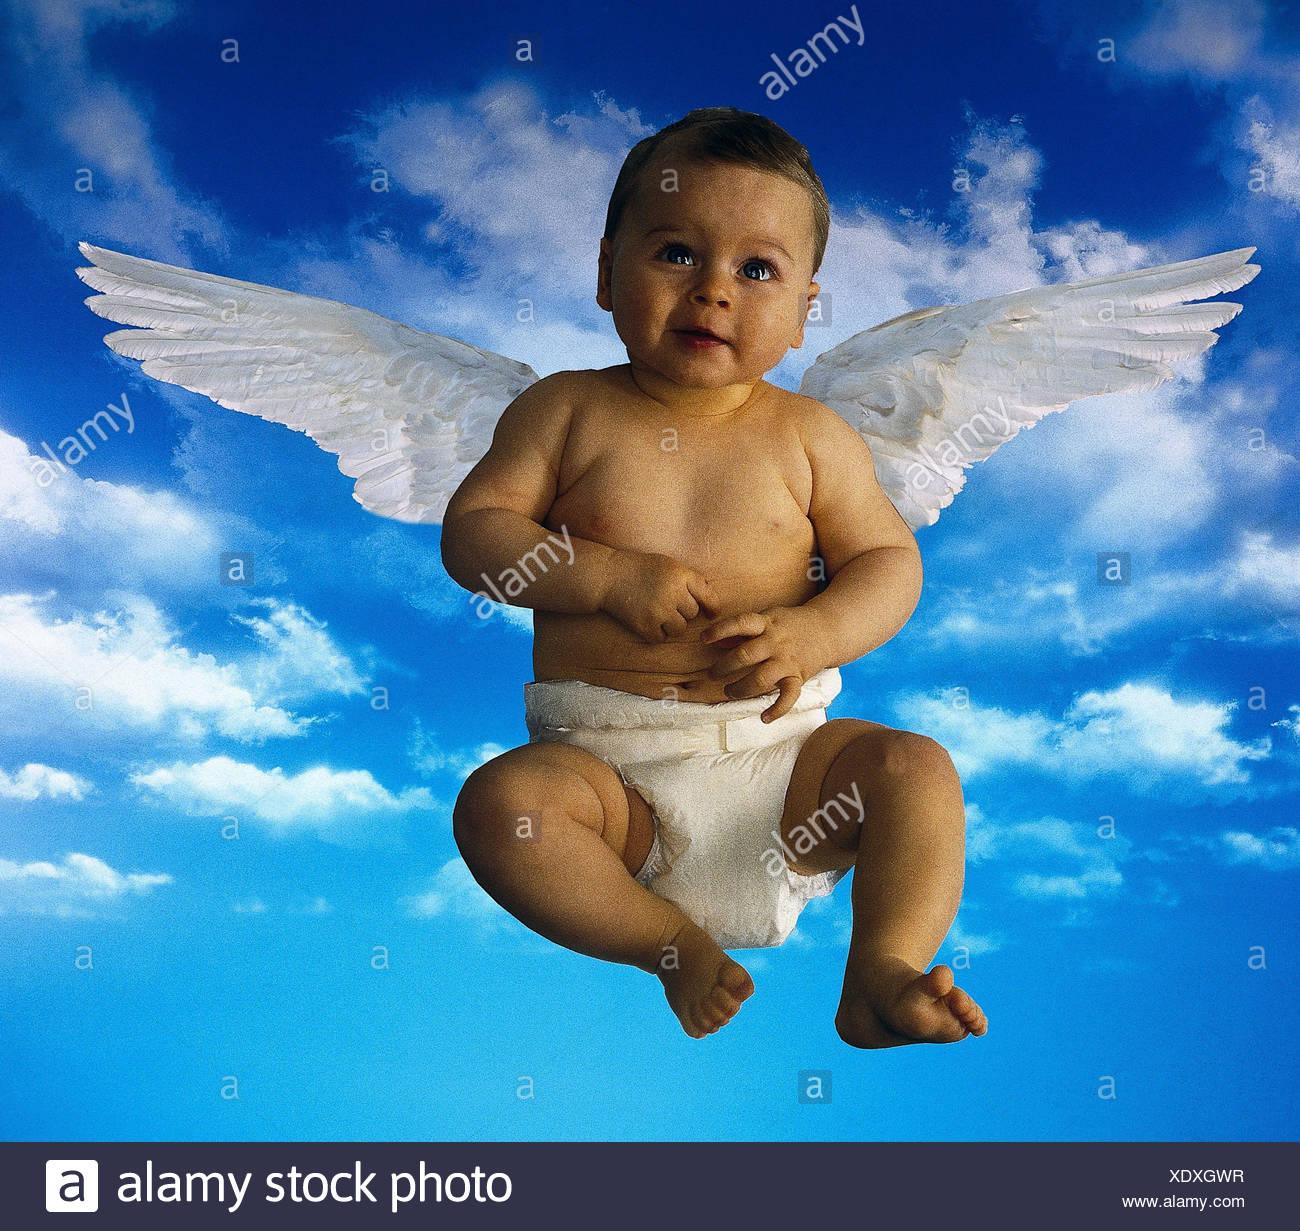 Componer Cielo Nublado Baby Ala Angel Bebé Niño Pequeño El